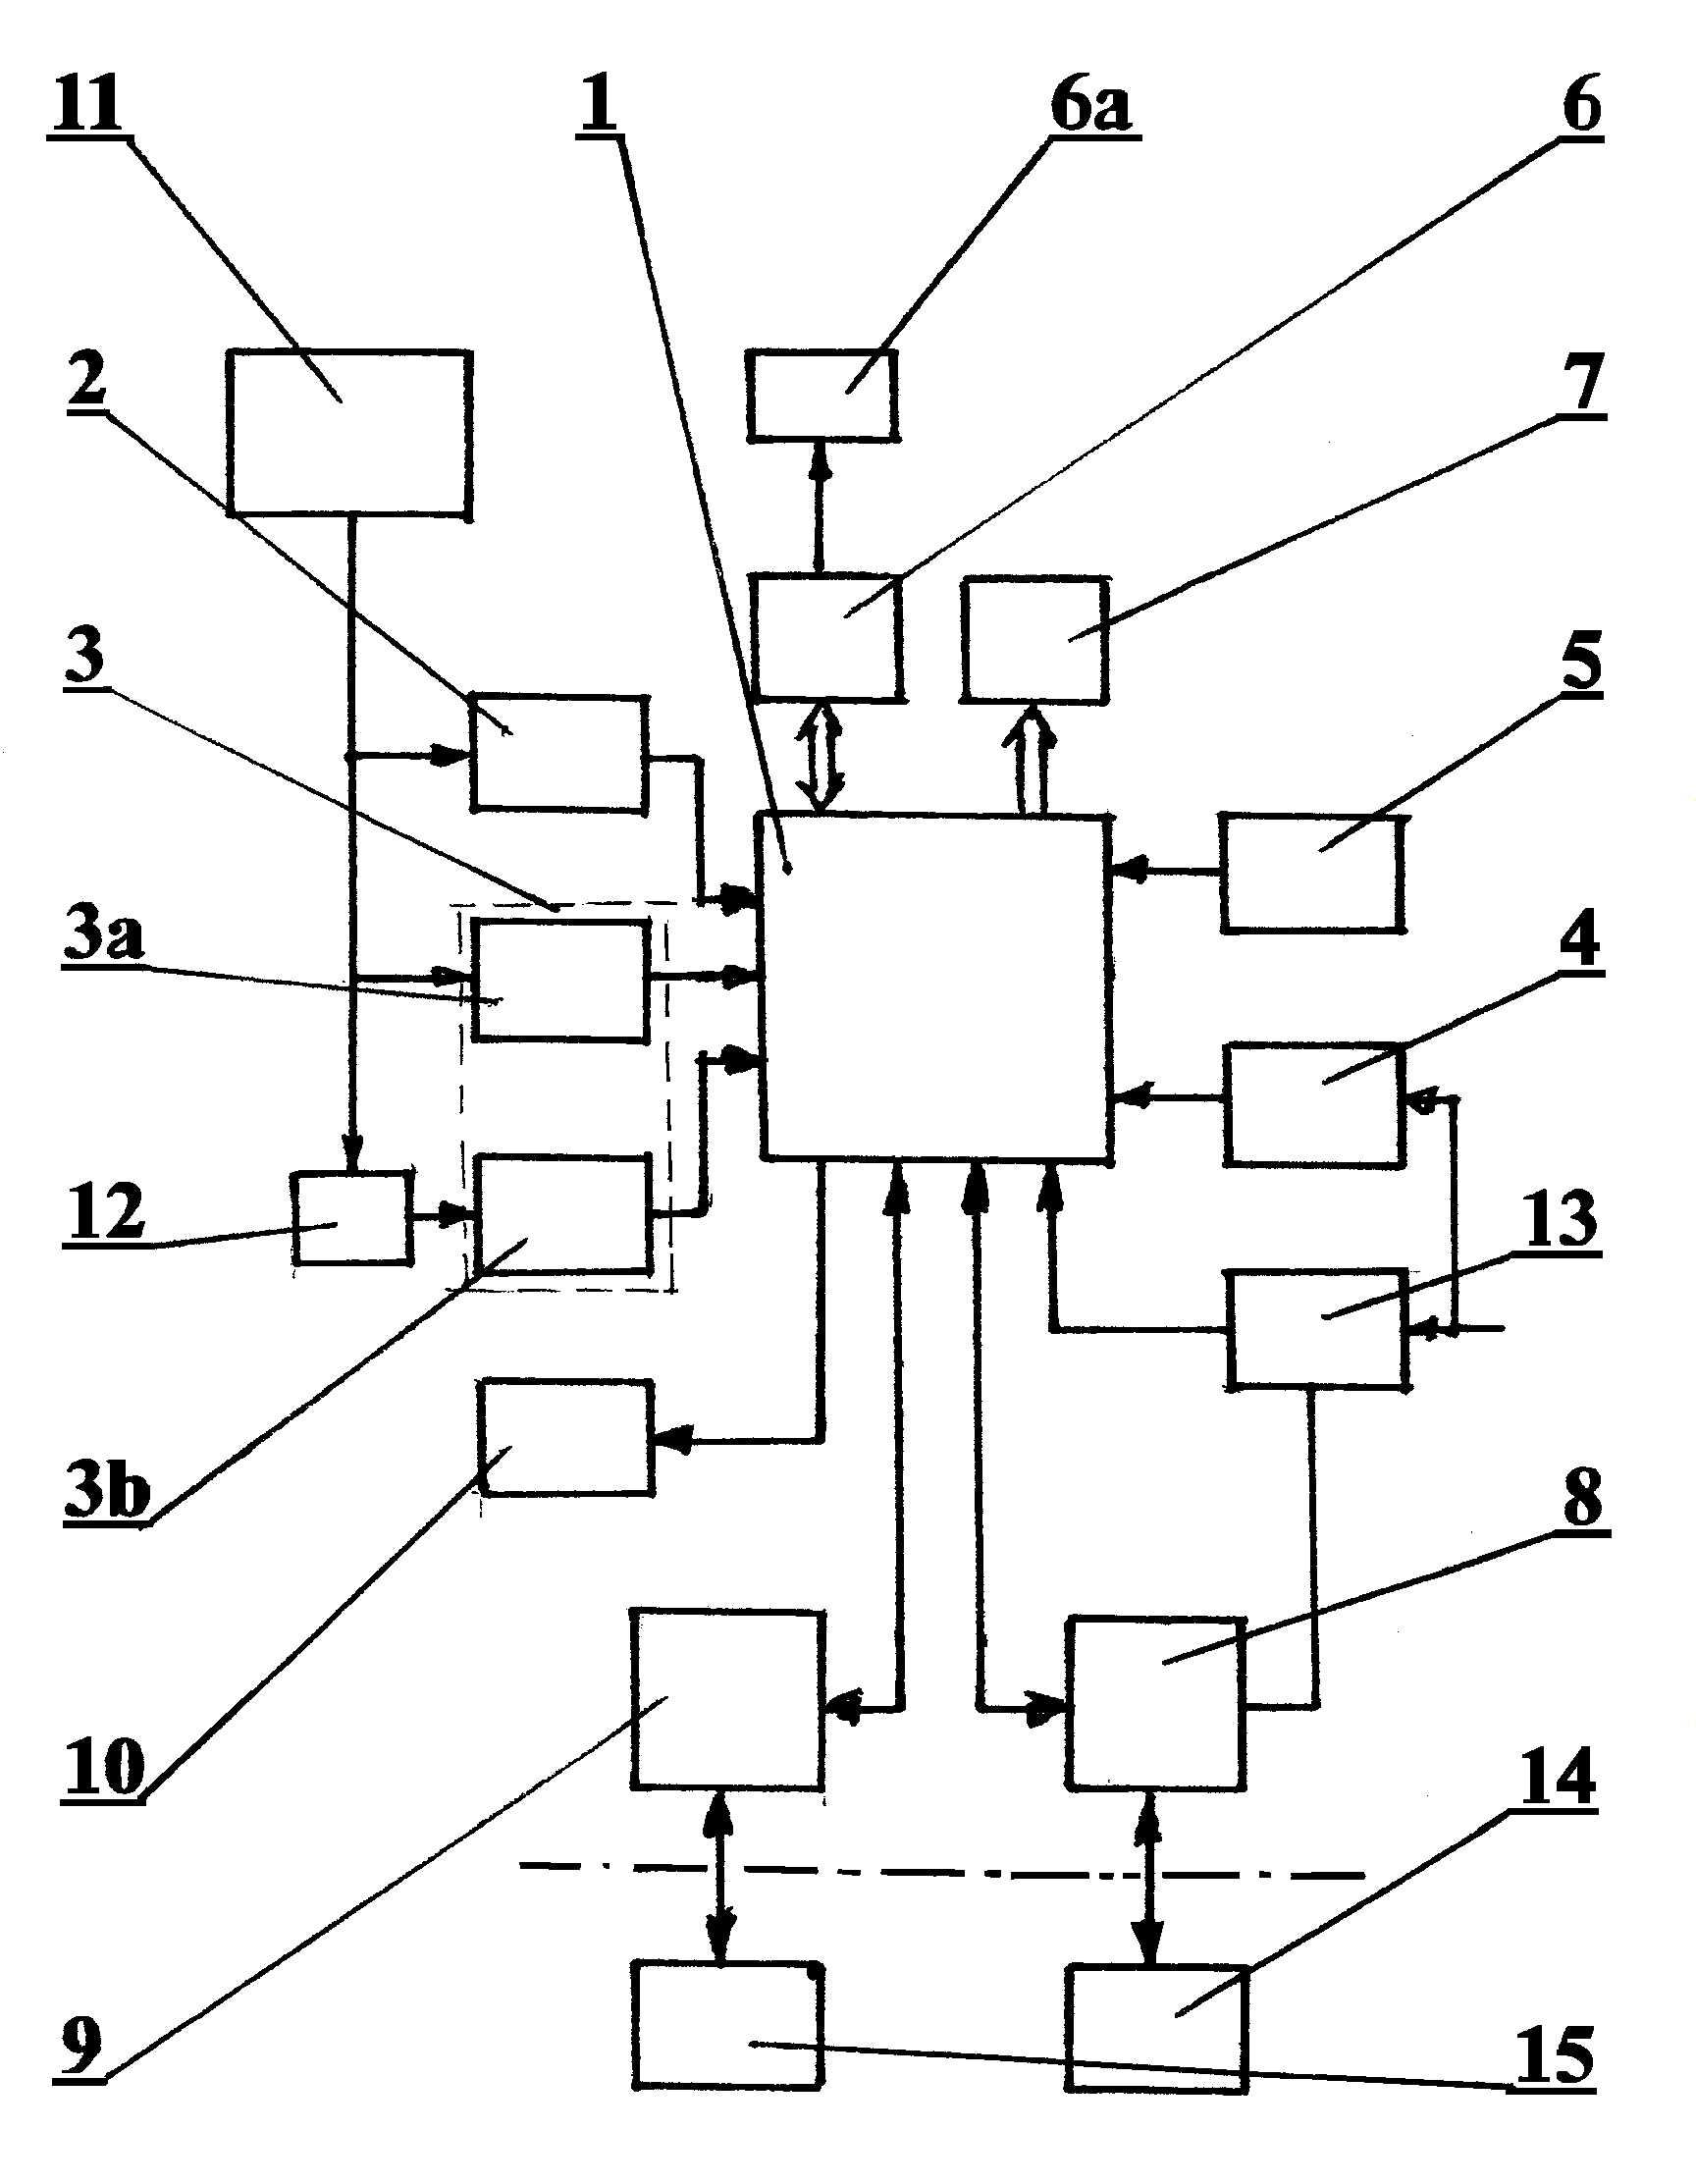 Uk�ad przyrz�du do nadzoru i pomiaru stanu sieci energetycznych z izolowanym punktem zerowym